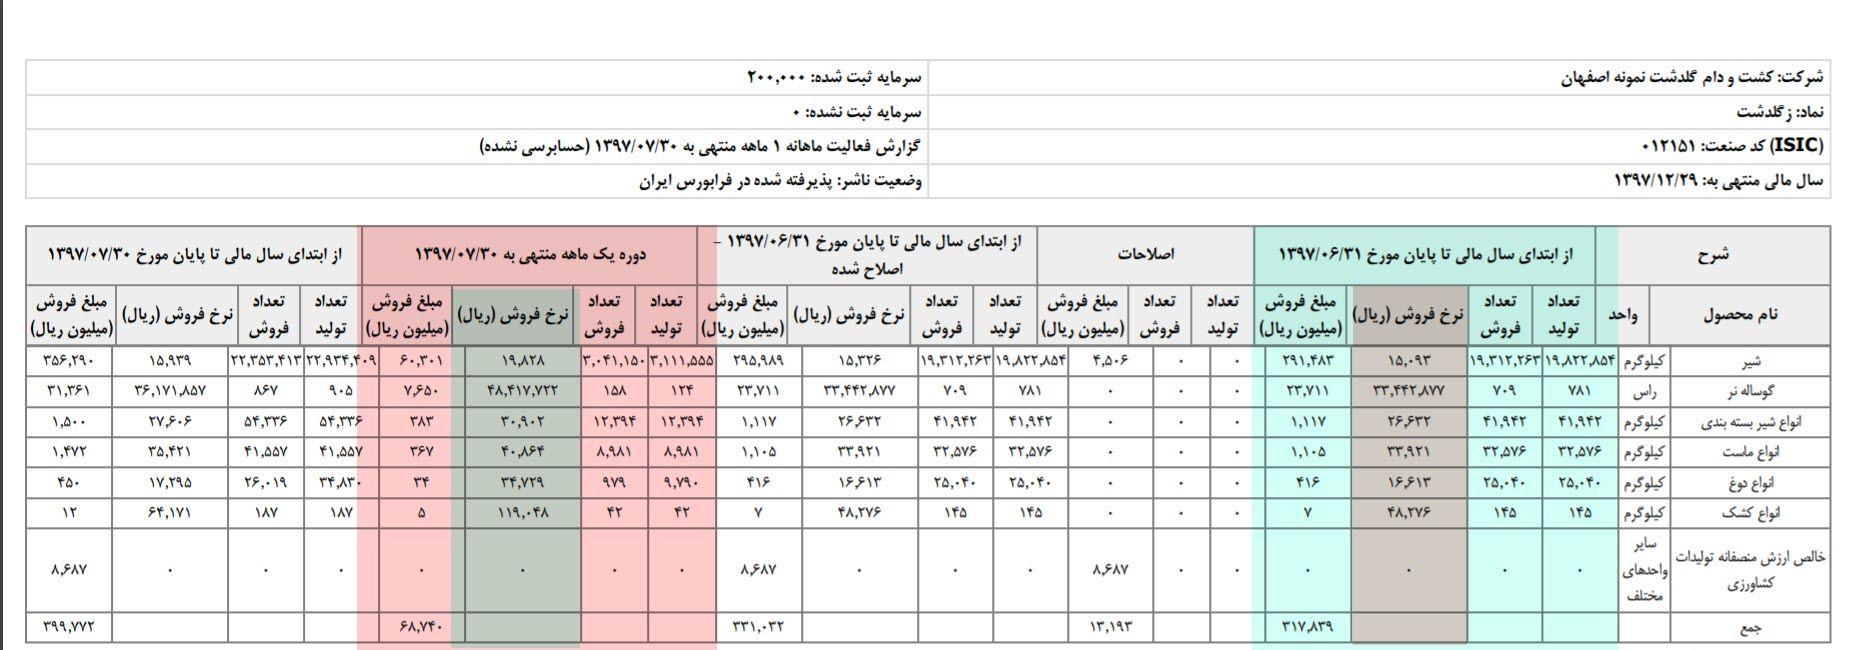 2 - گزارشات ماهانه شرکتها